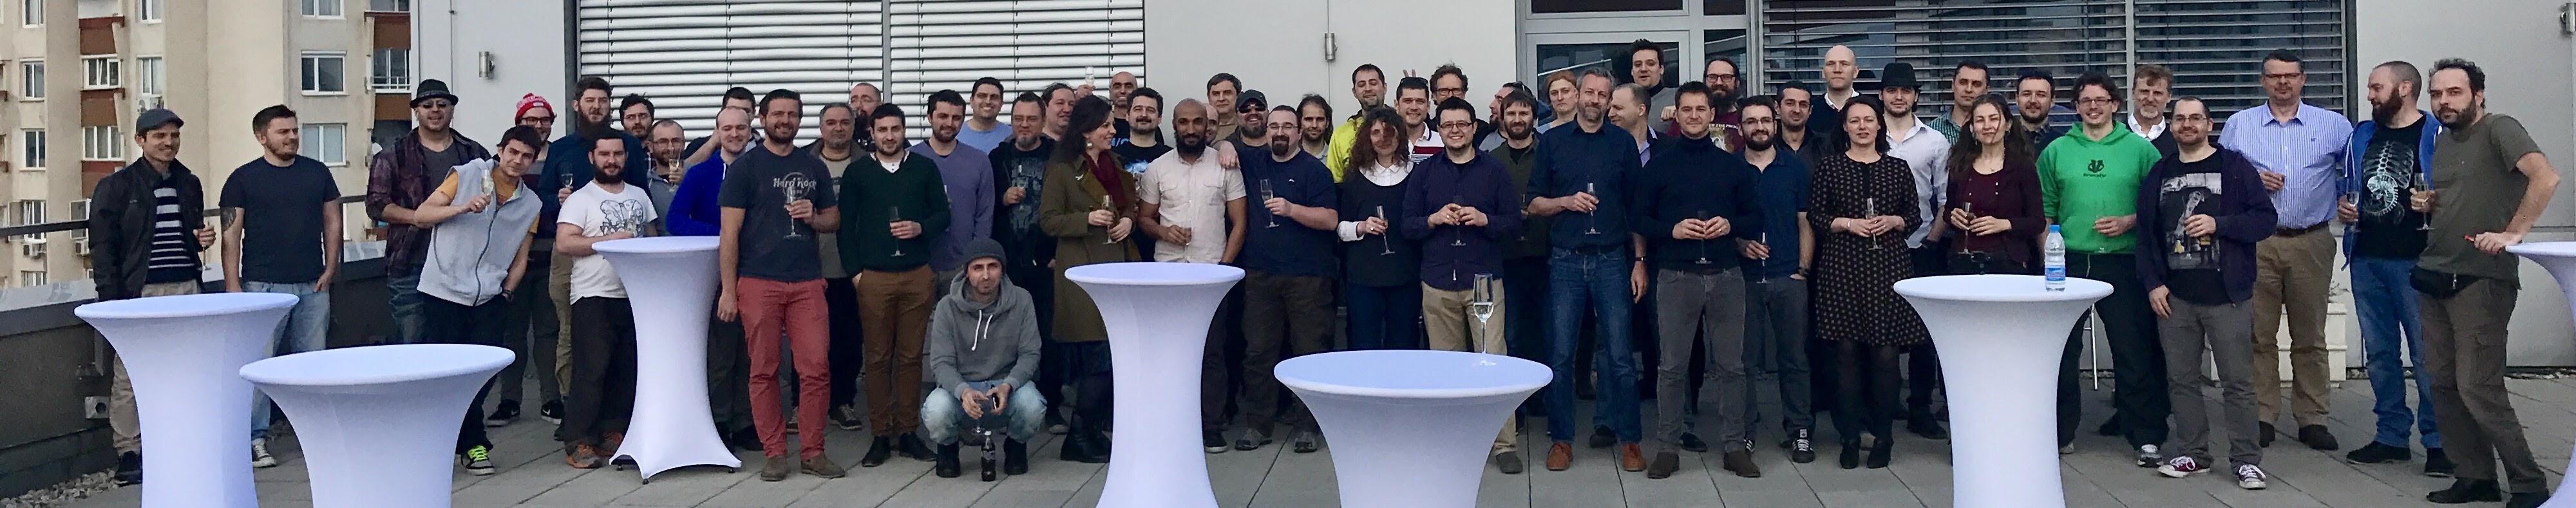 The CA Sofia team